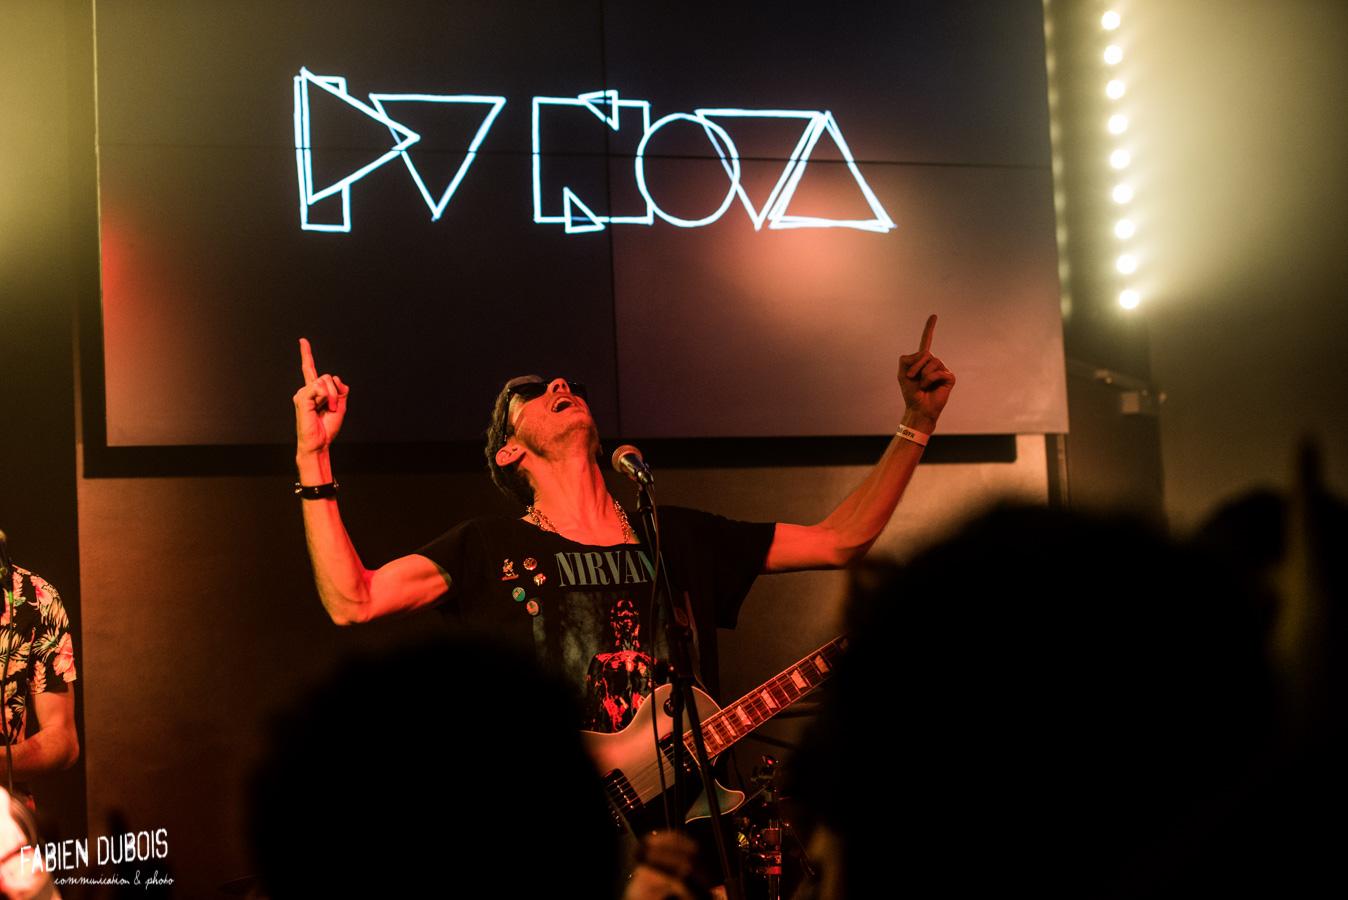 Photo Pv Nova Hard Rock Café Lyon 2018